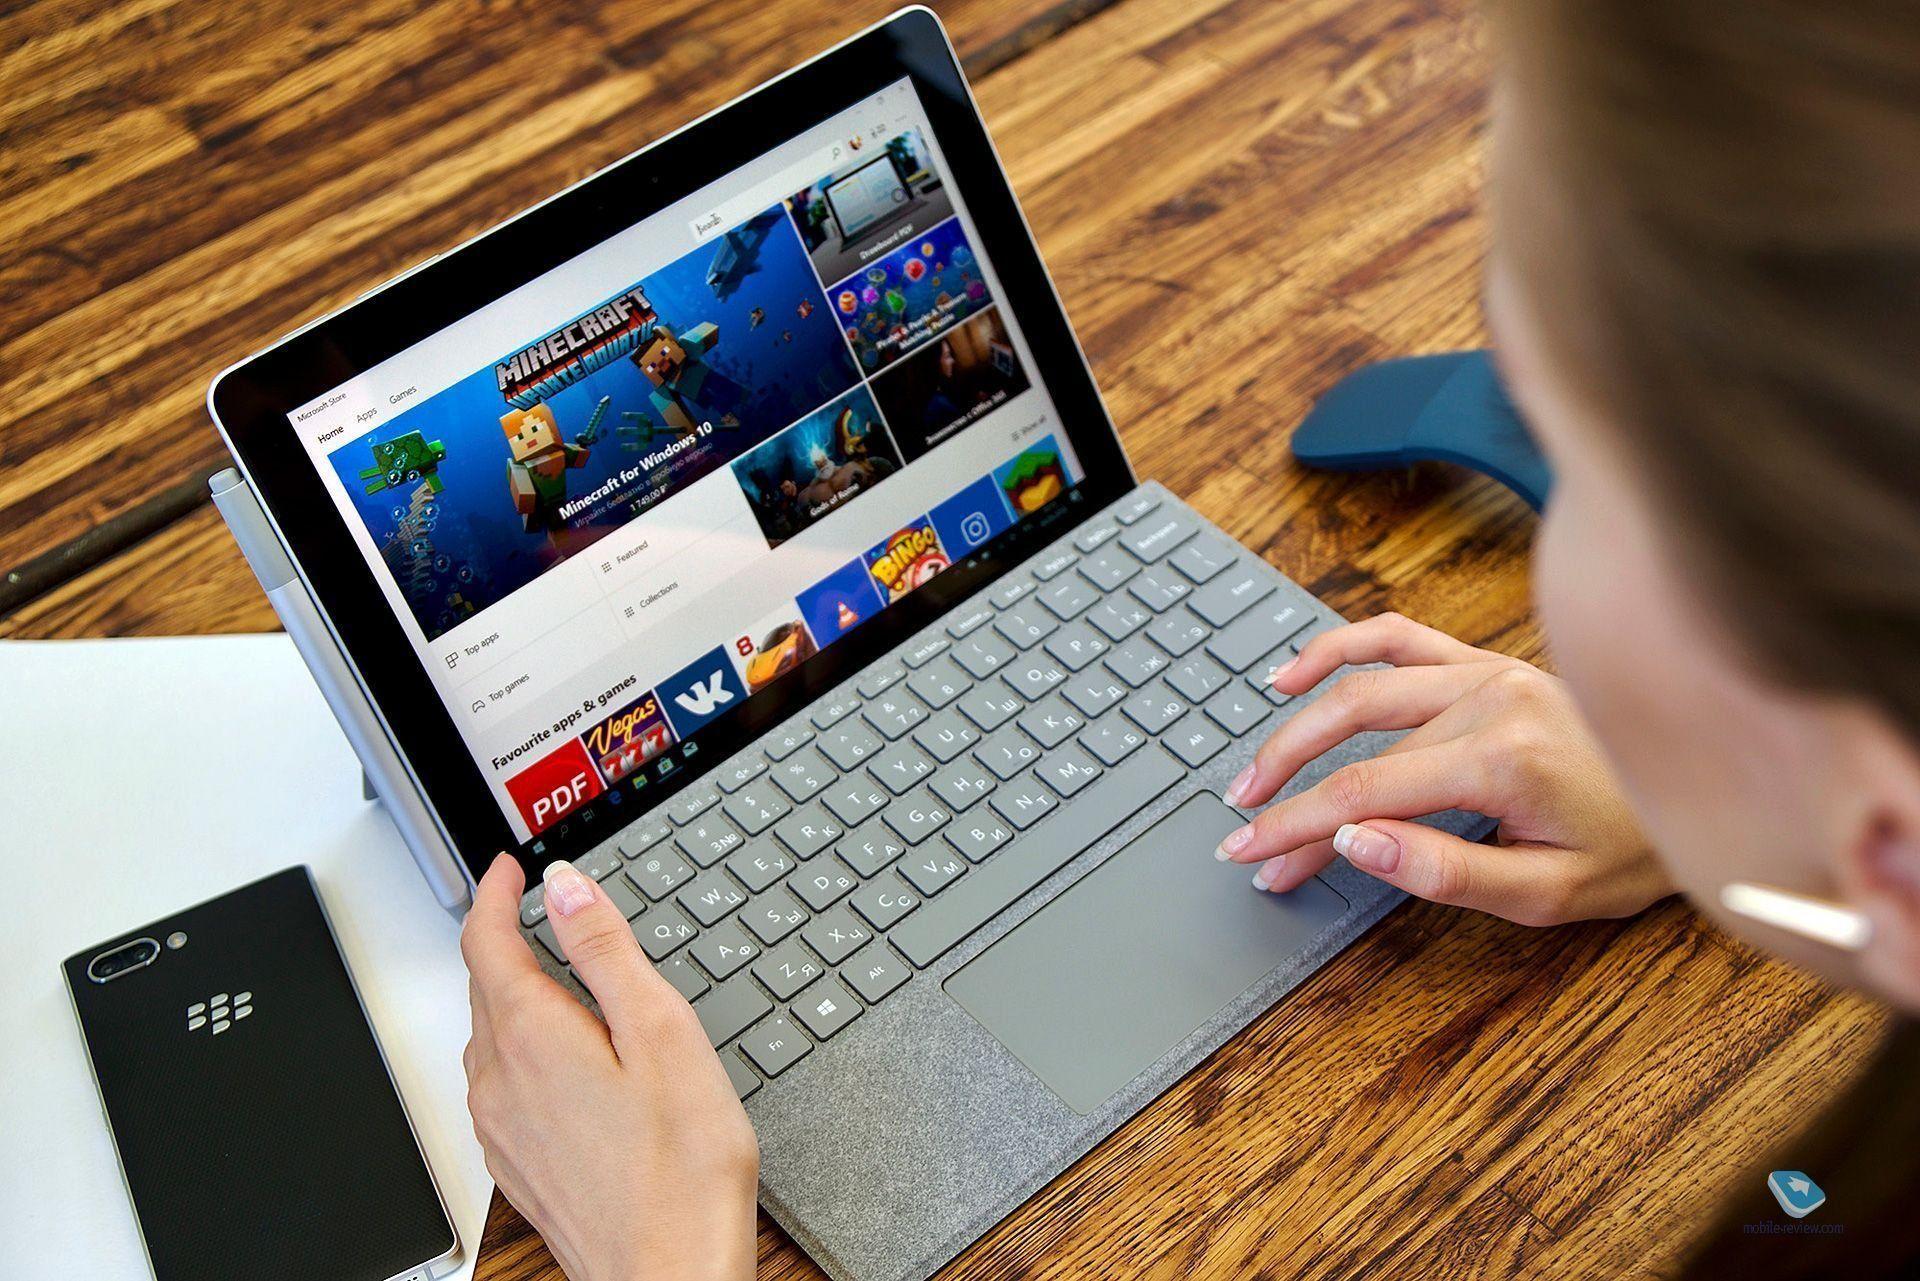 Обзор планшетного компьютера Microsoft Surface Go: достоинства и недостатки